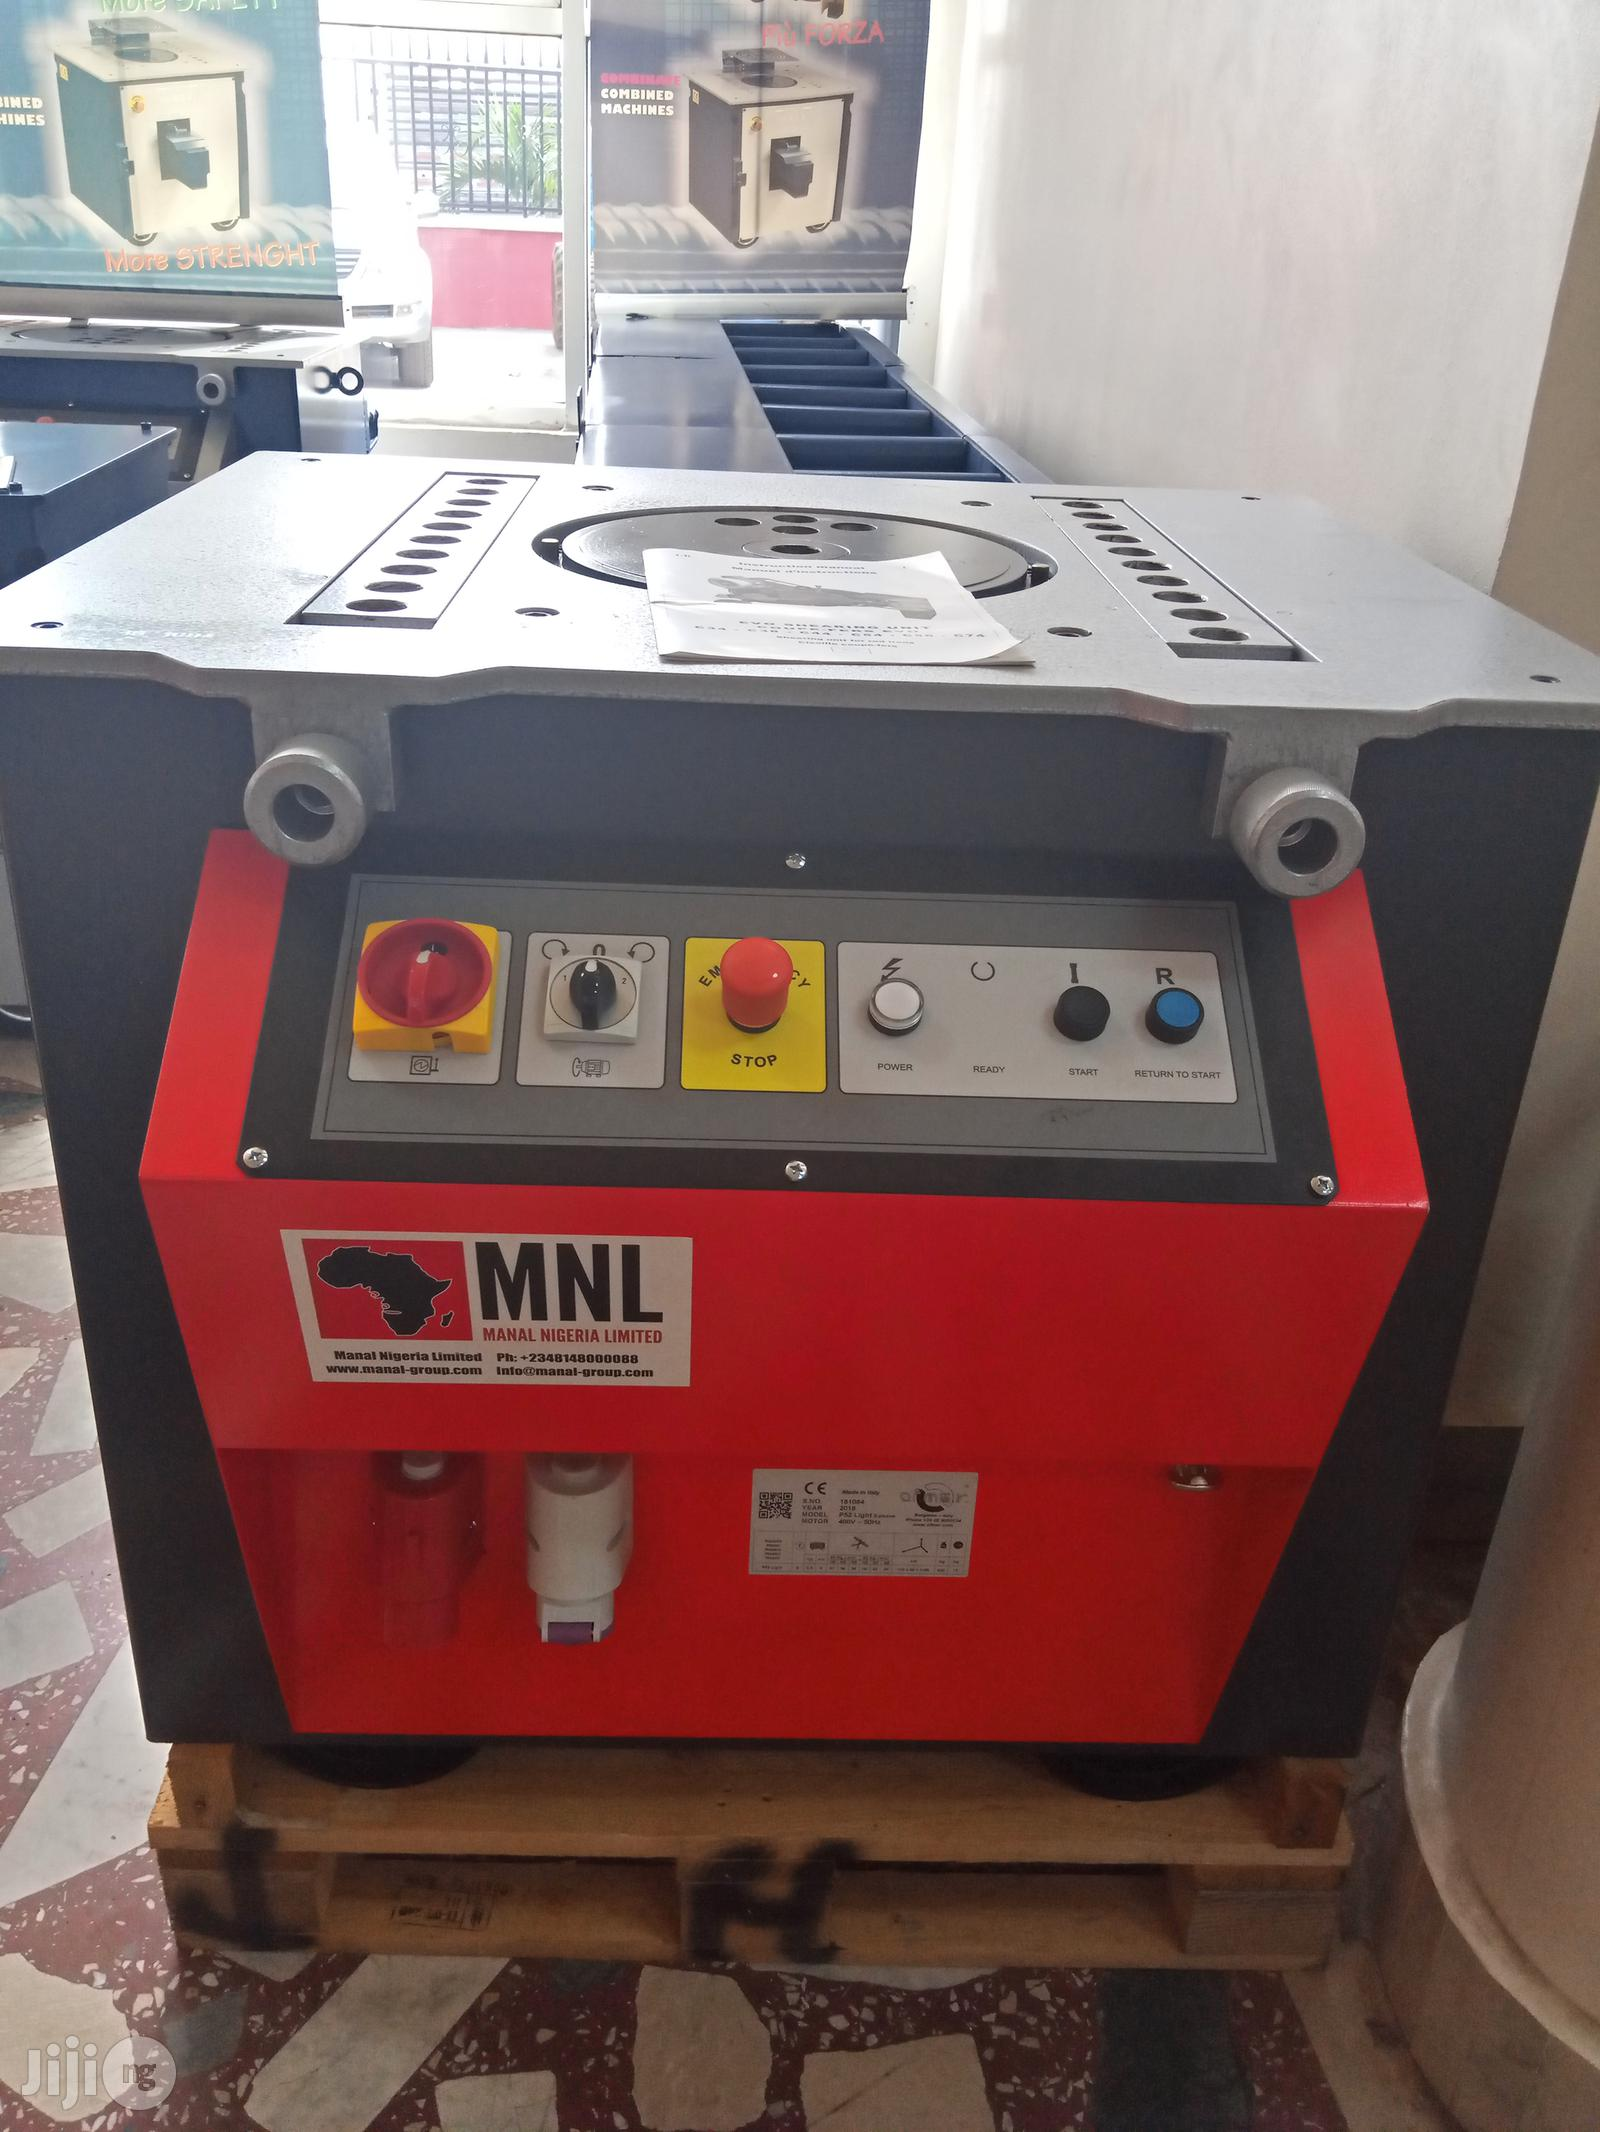 OFMER Rebar Bending Machine